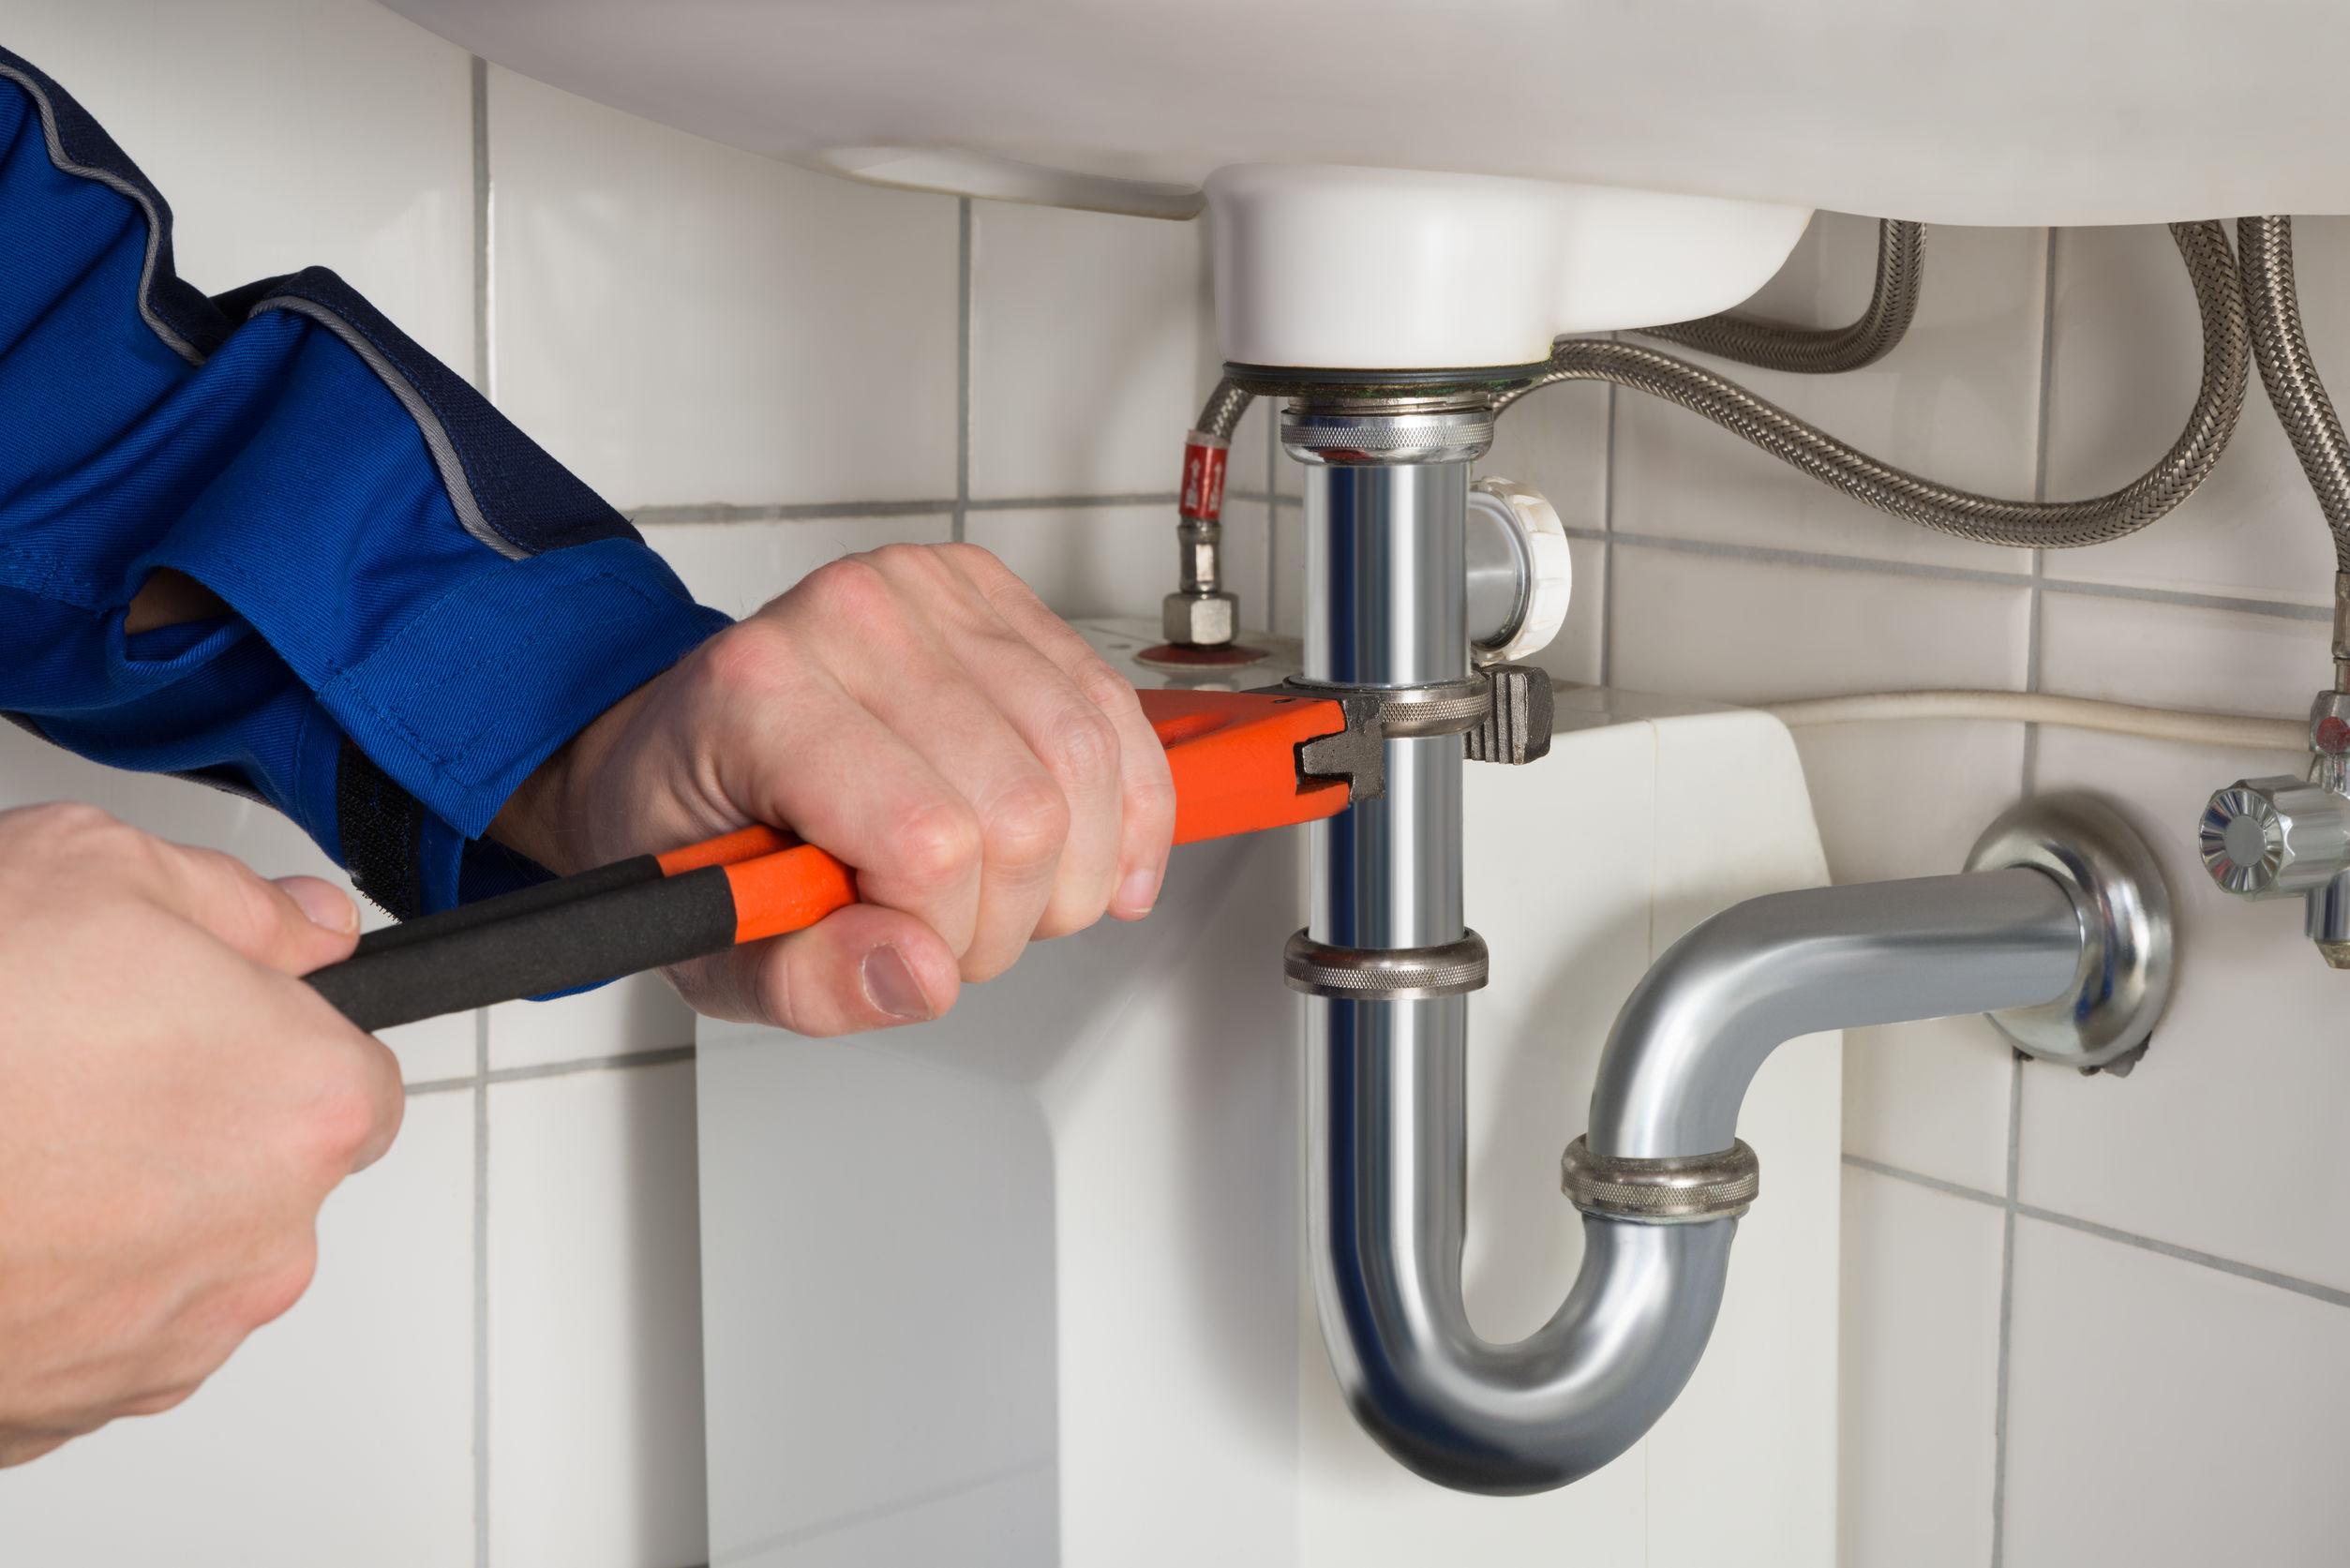 plumber repairs sink